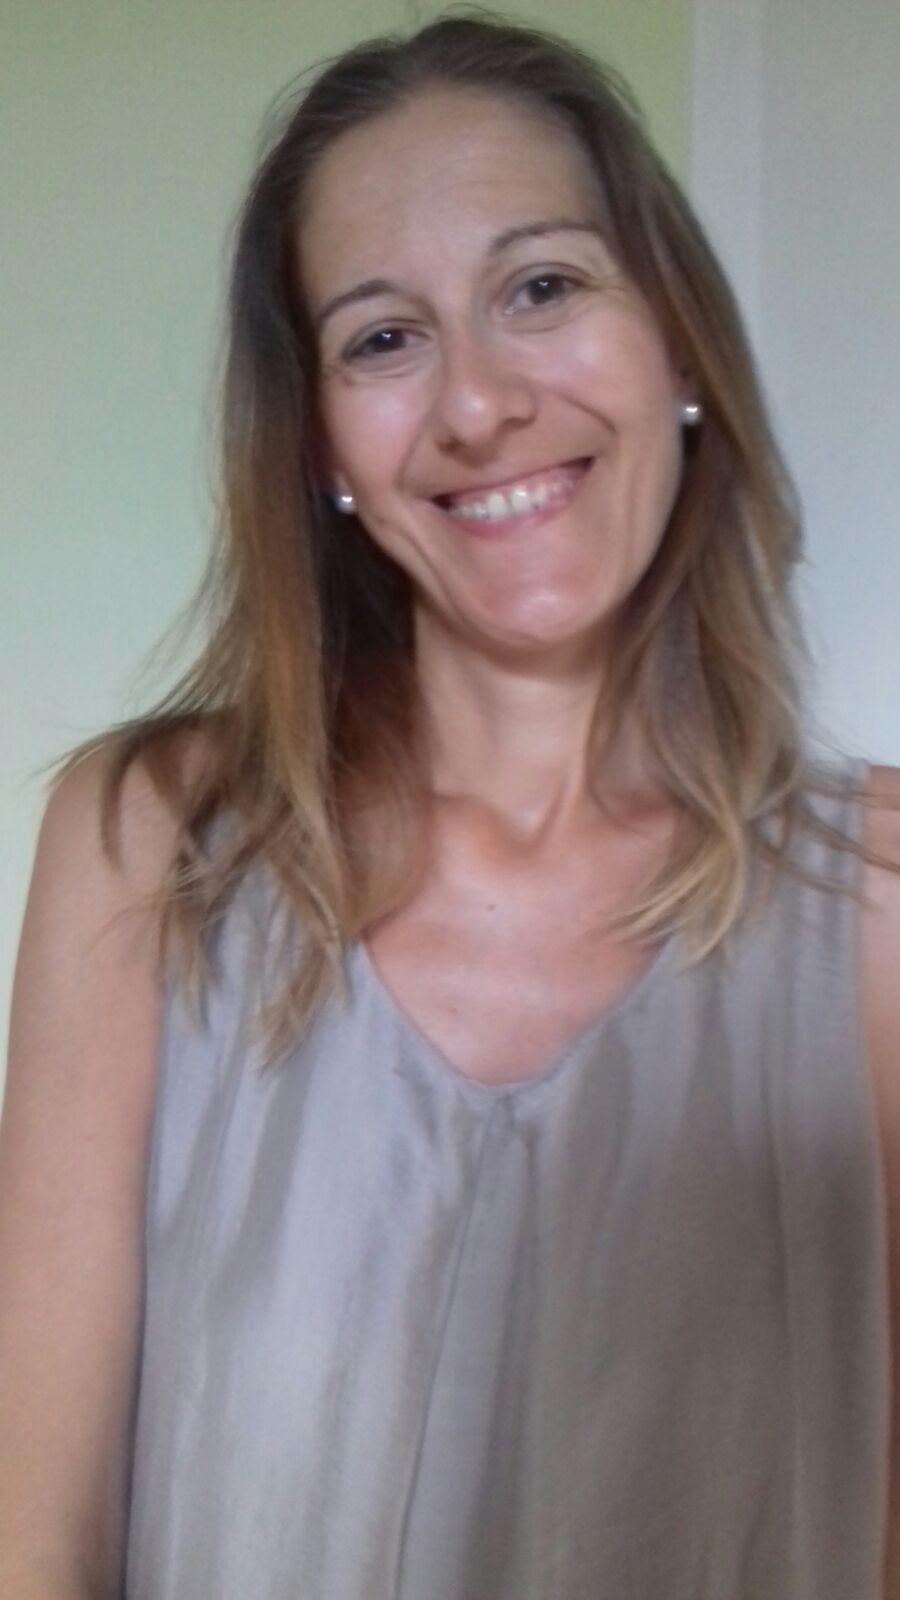 Biolghini Annalisa